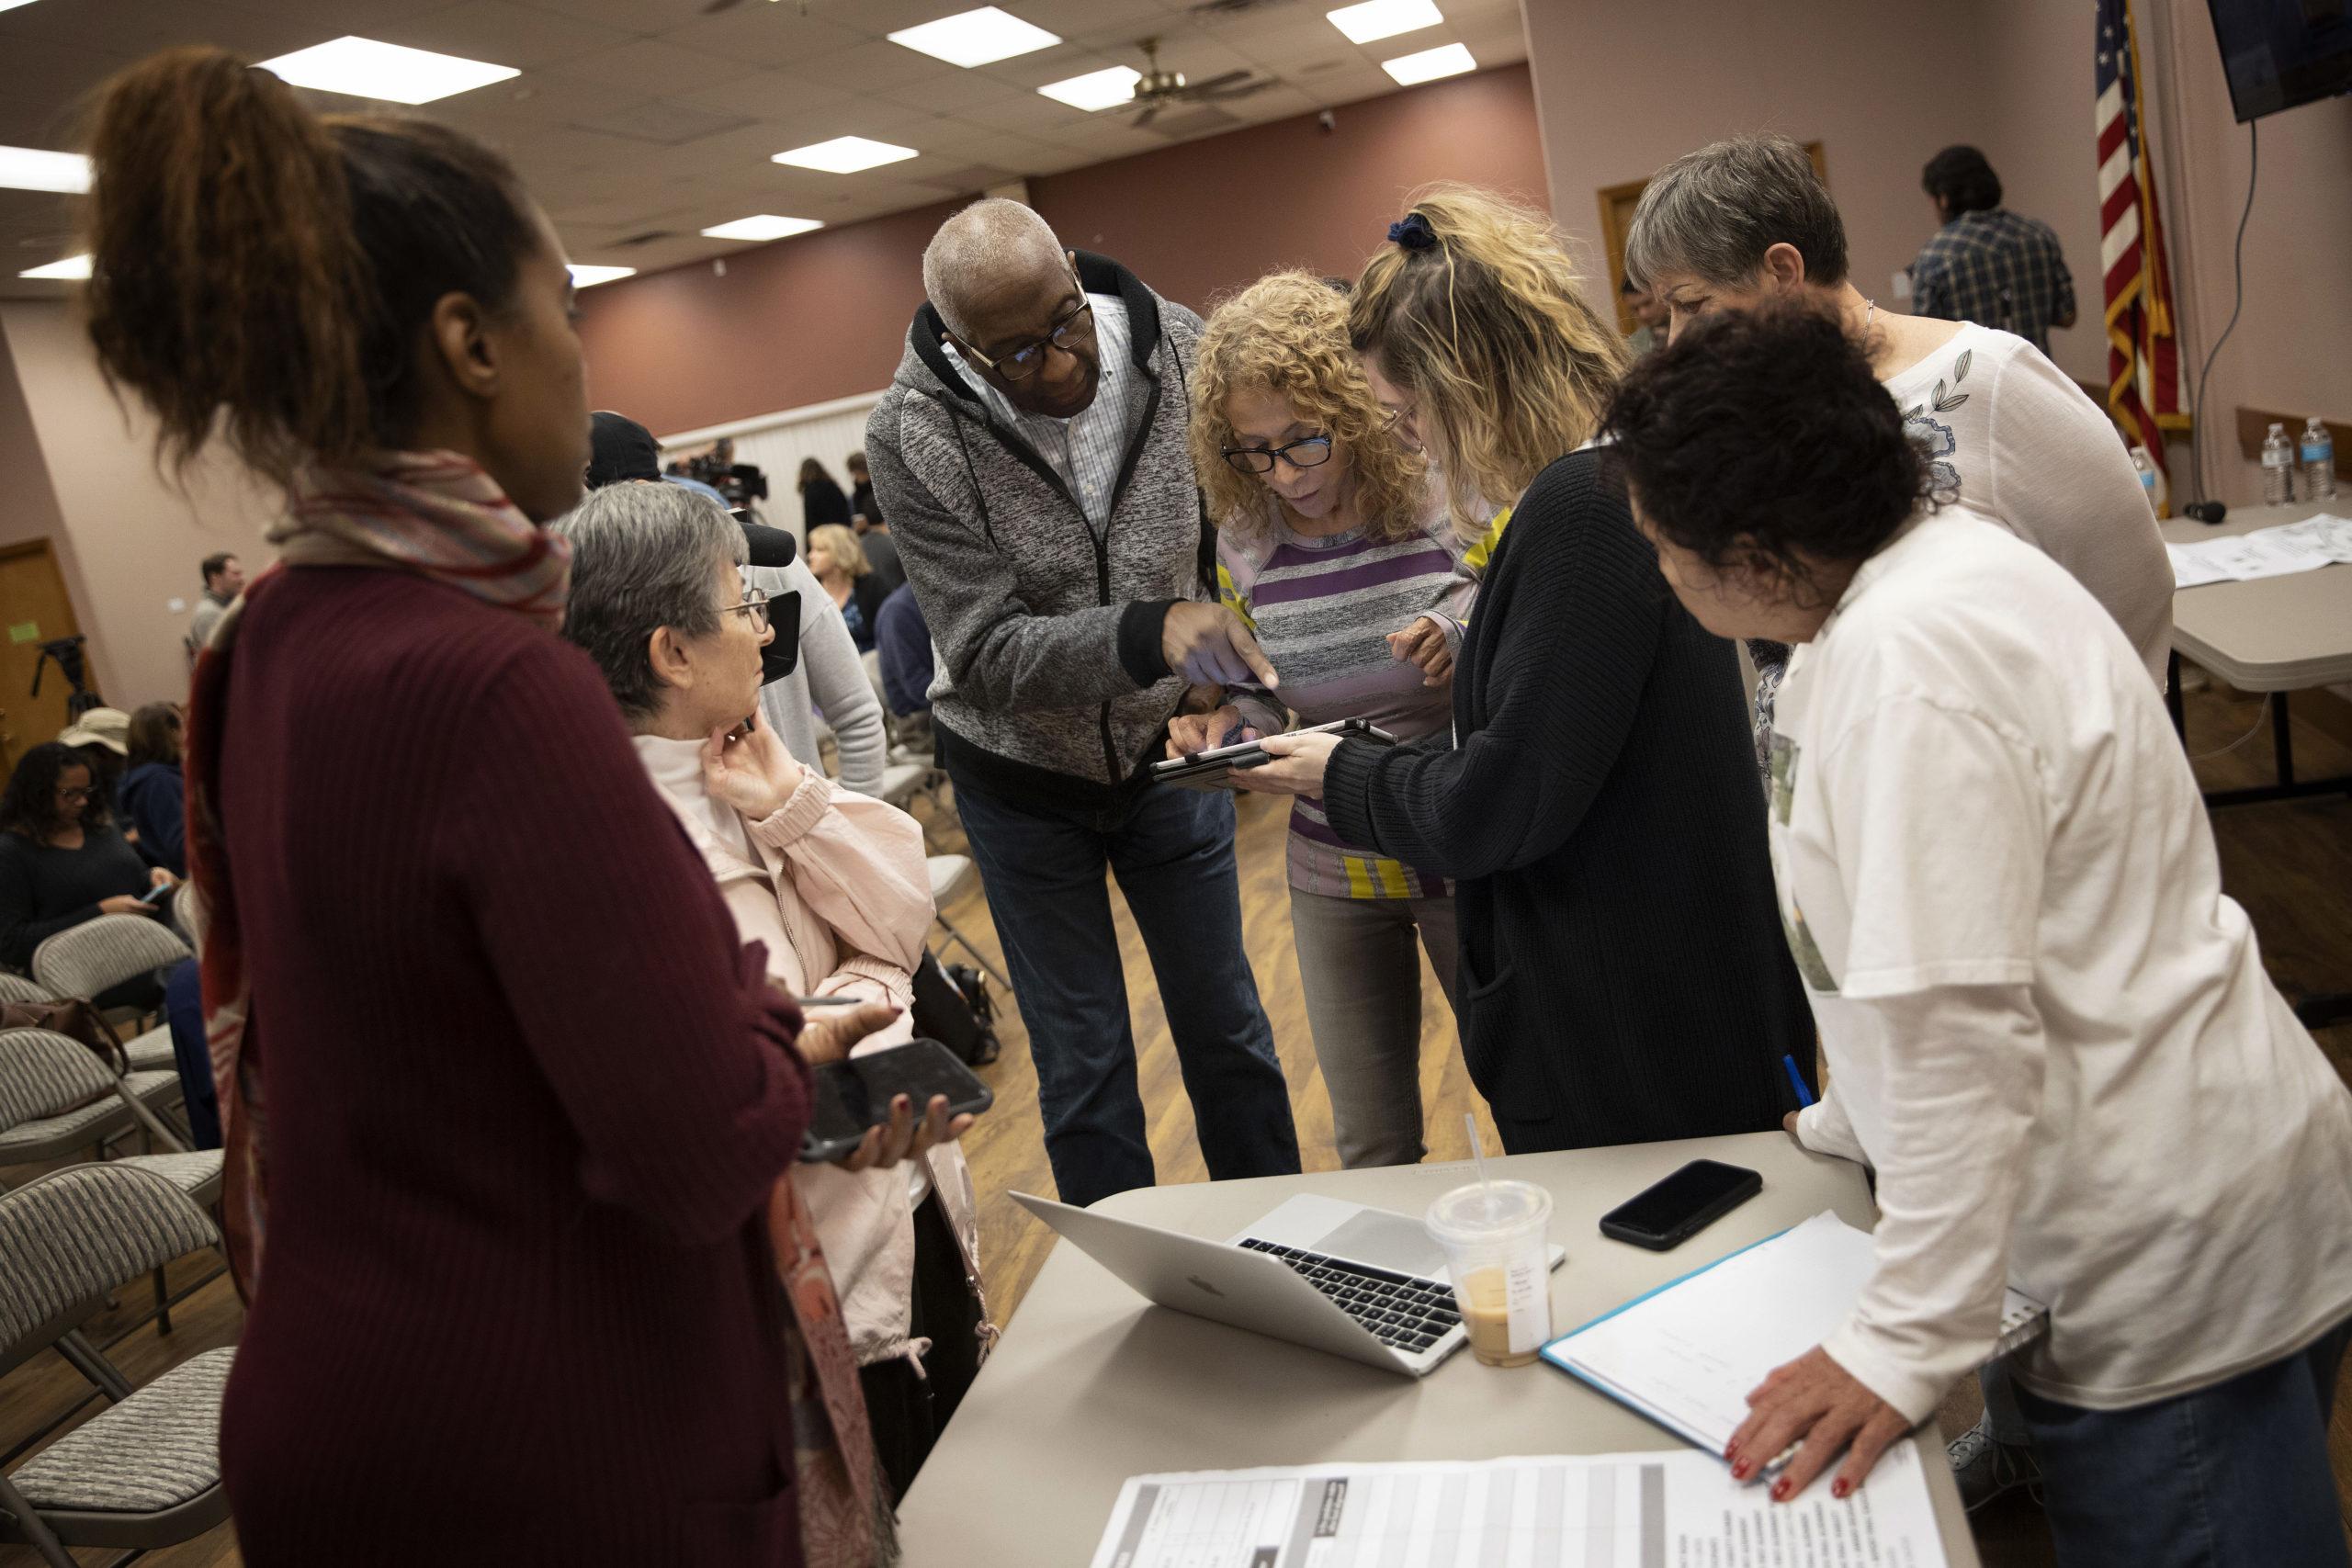 Nevada Caucus volunteers receive training for recording caucus results February 20, 2020 in Las Vegas, Nevada. Nevada holds its caucus on February 22.